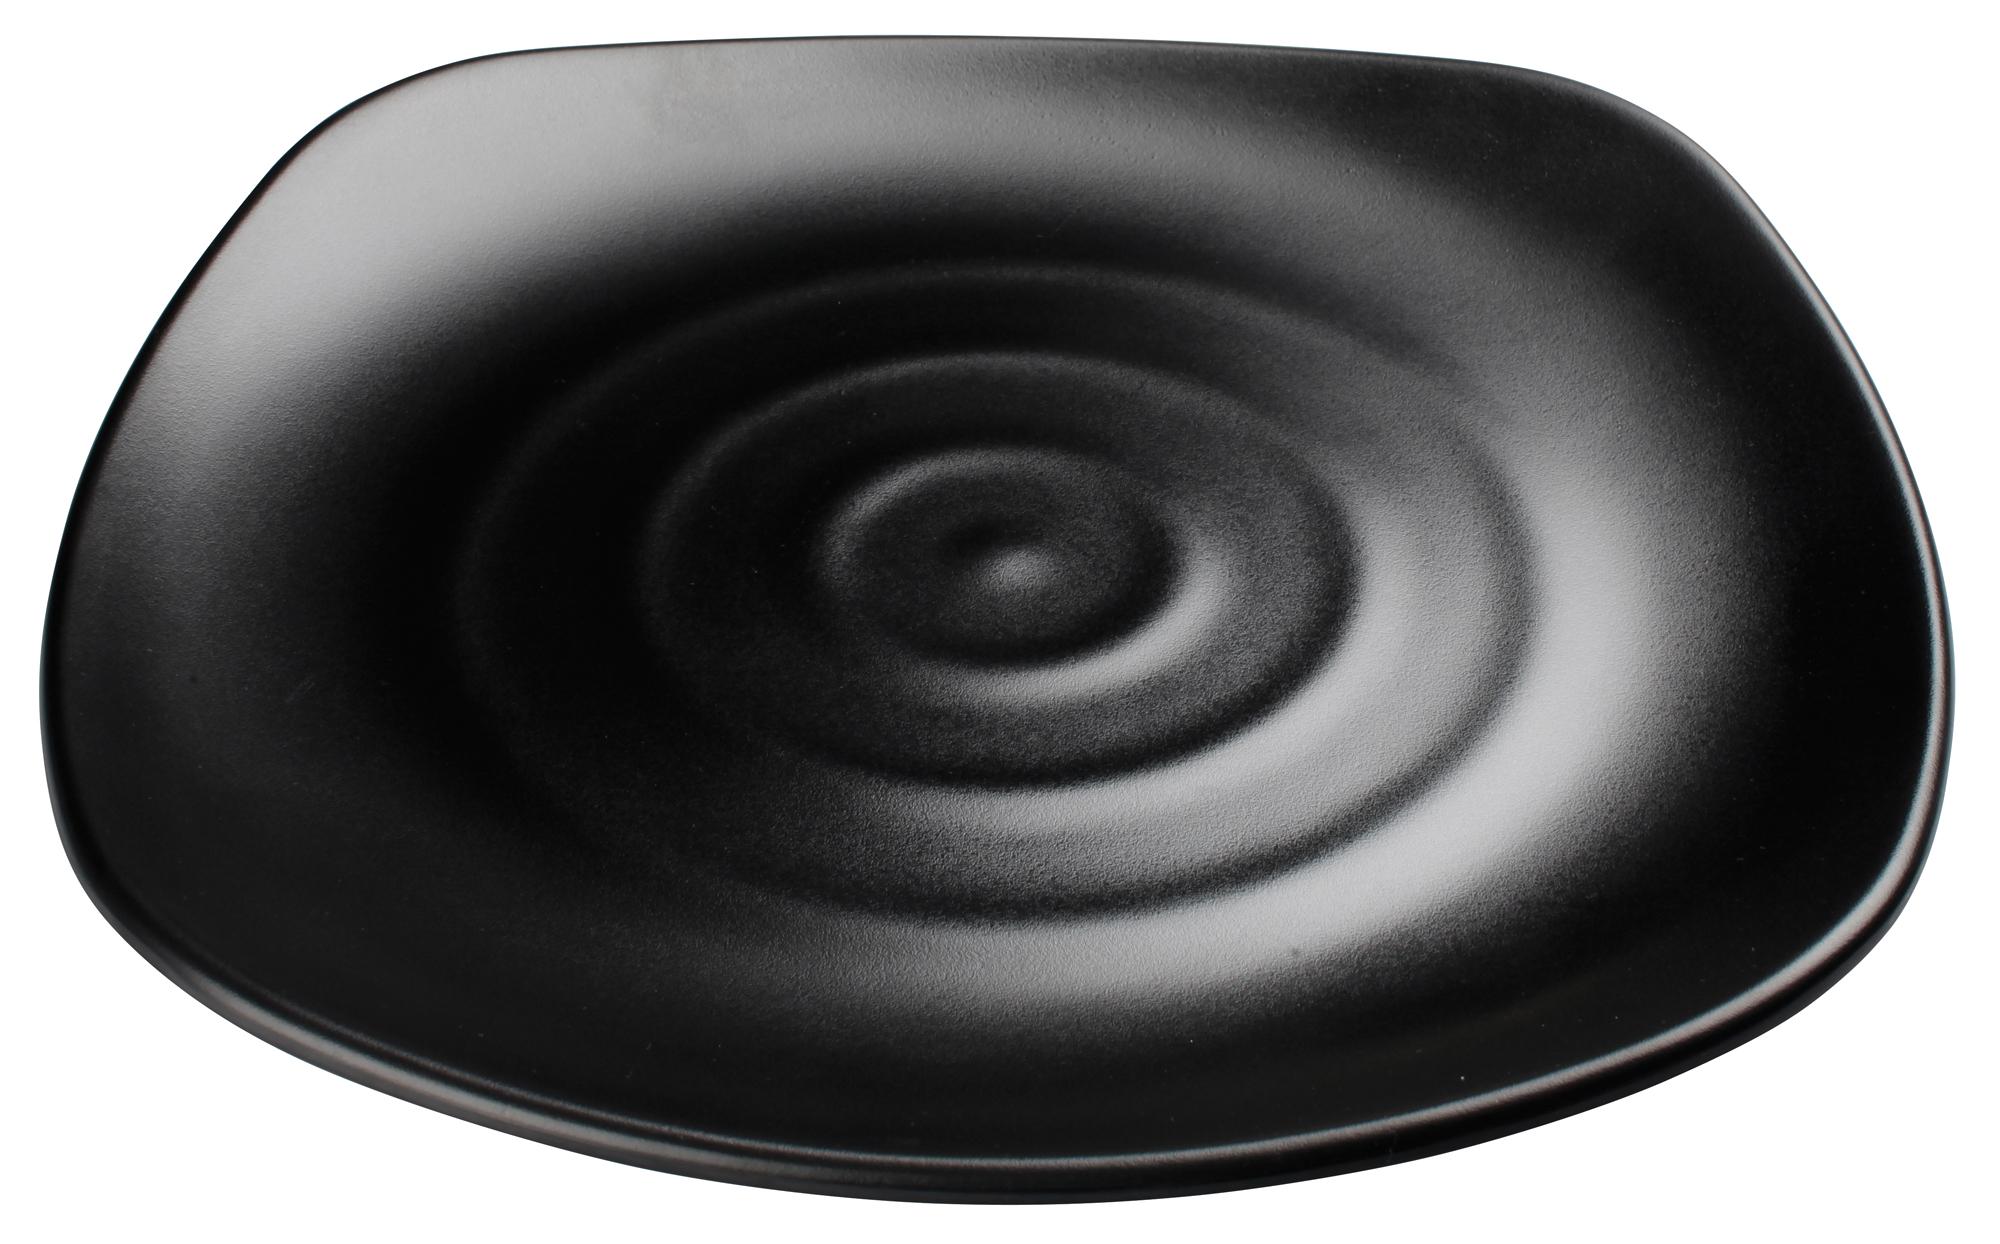 Winco WDM013-306 plate, plastic